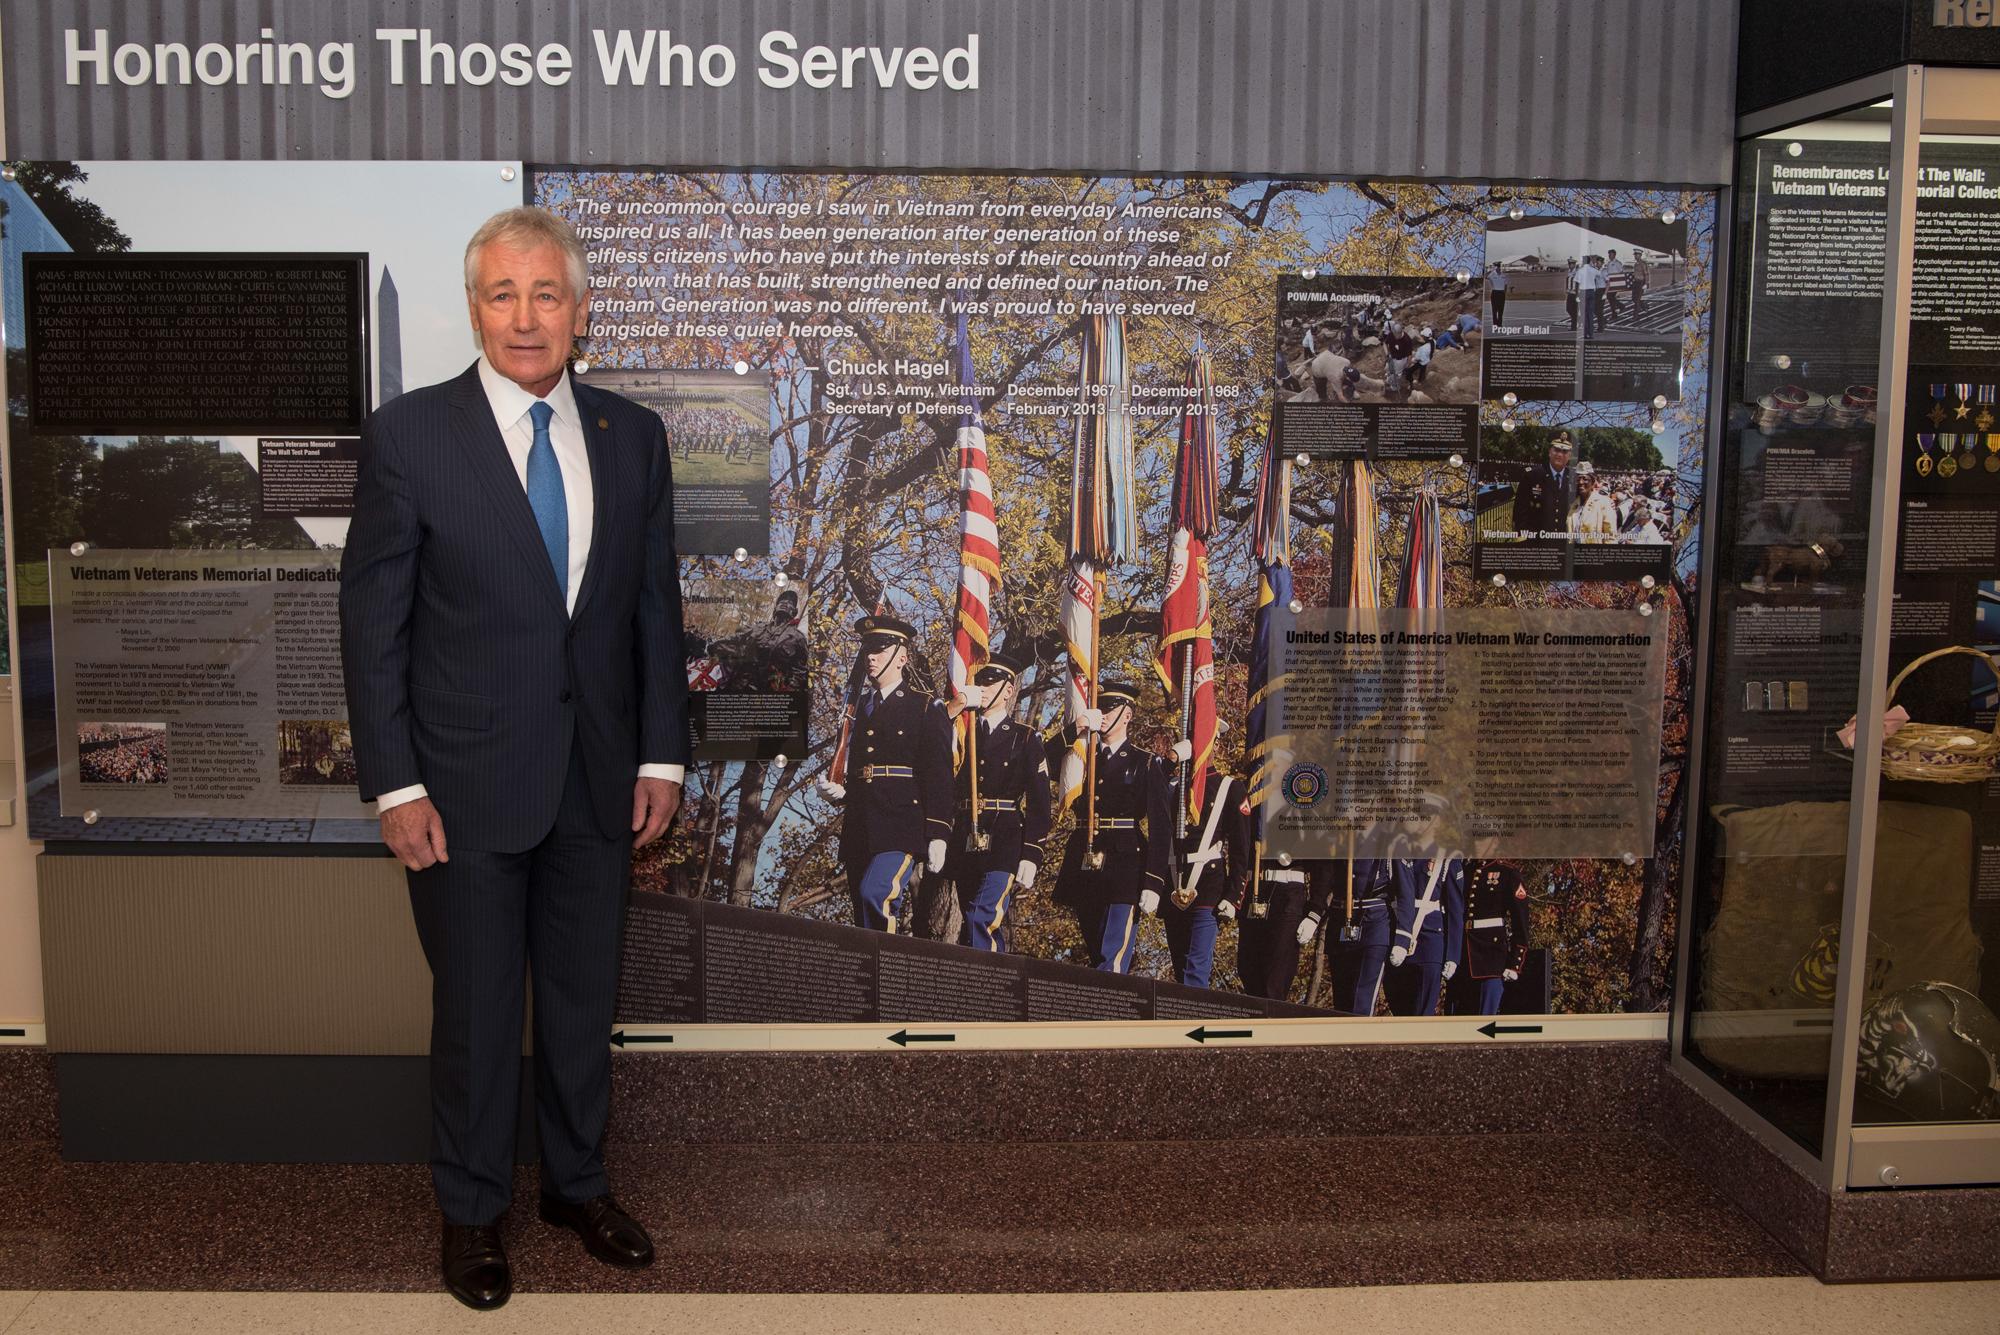 Ngũ Giác Đài mở hành lang triển lãm vinh danh cựu binh chiến tranh Việt Nam